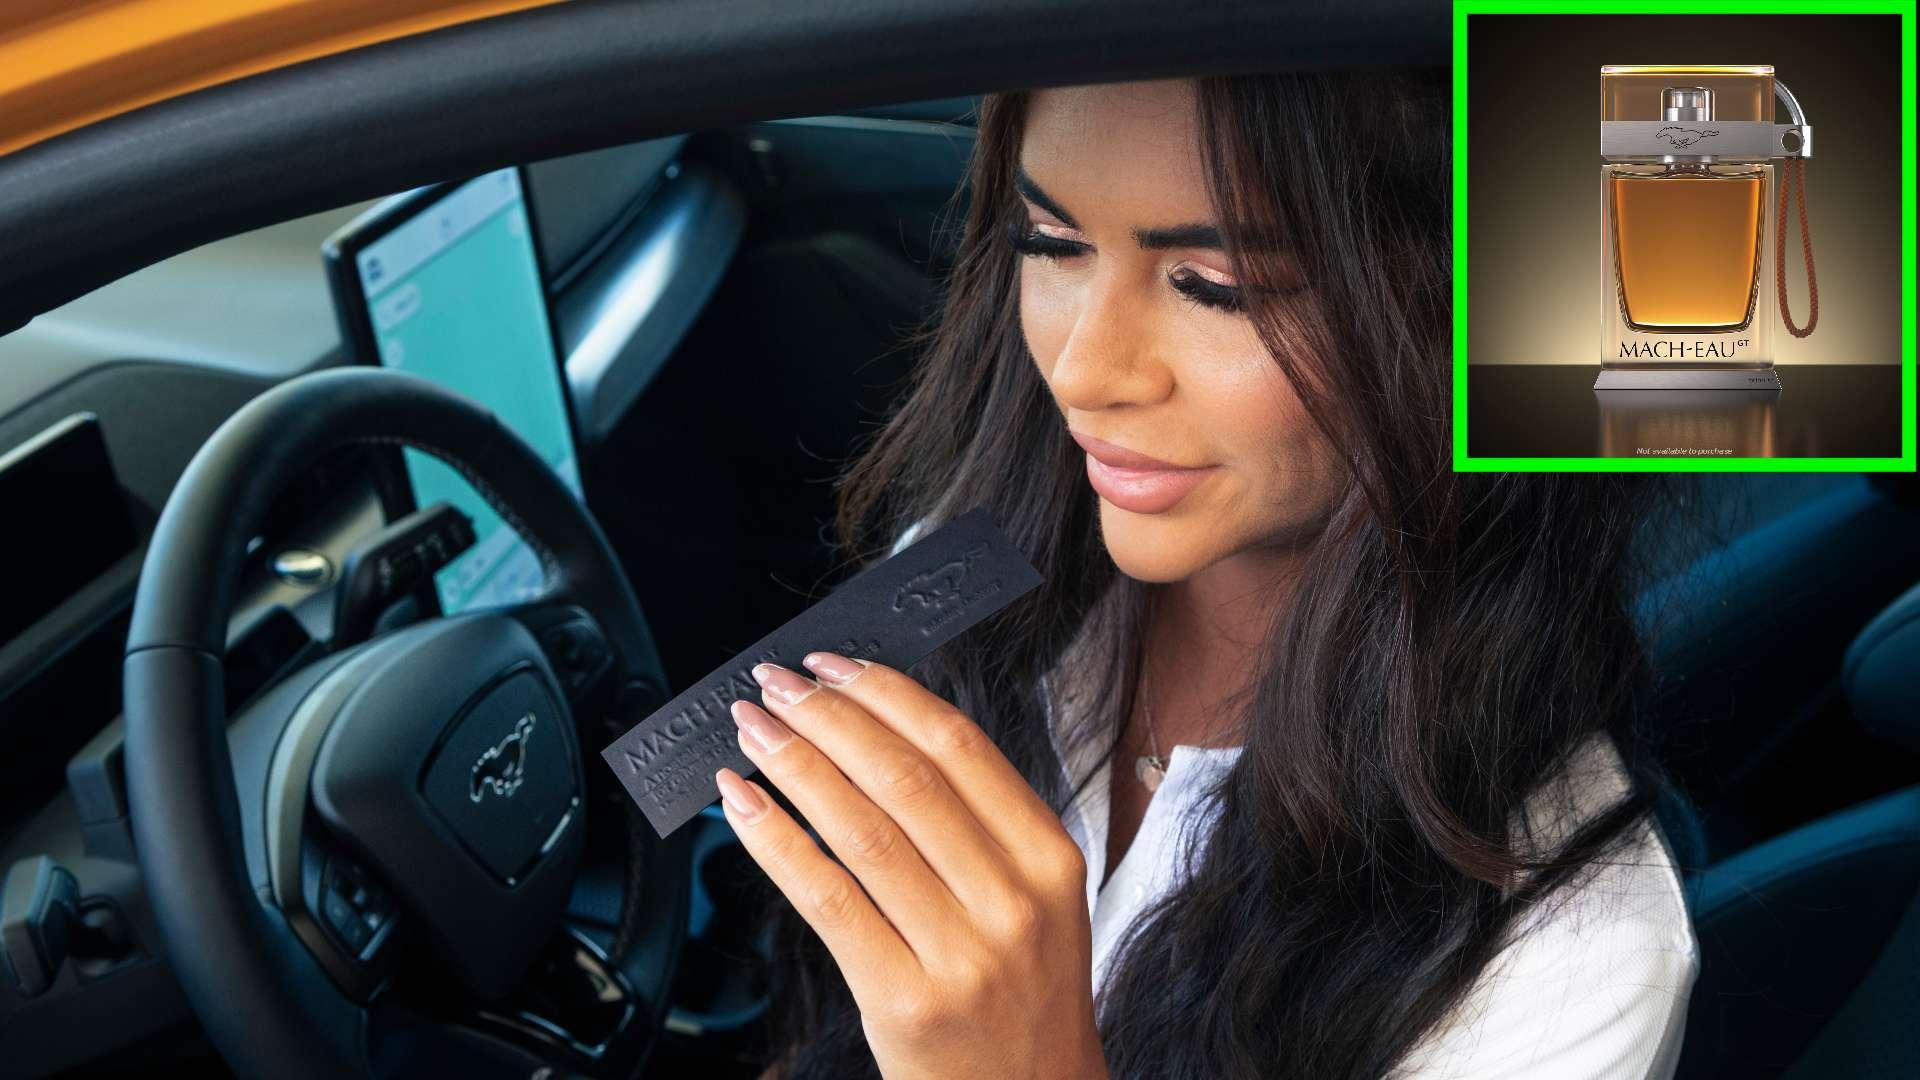 Ford запускает бензиновый аромат премиум-класса, чтобы облегчить владельцам Mach-E электромобили